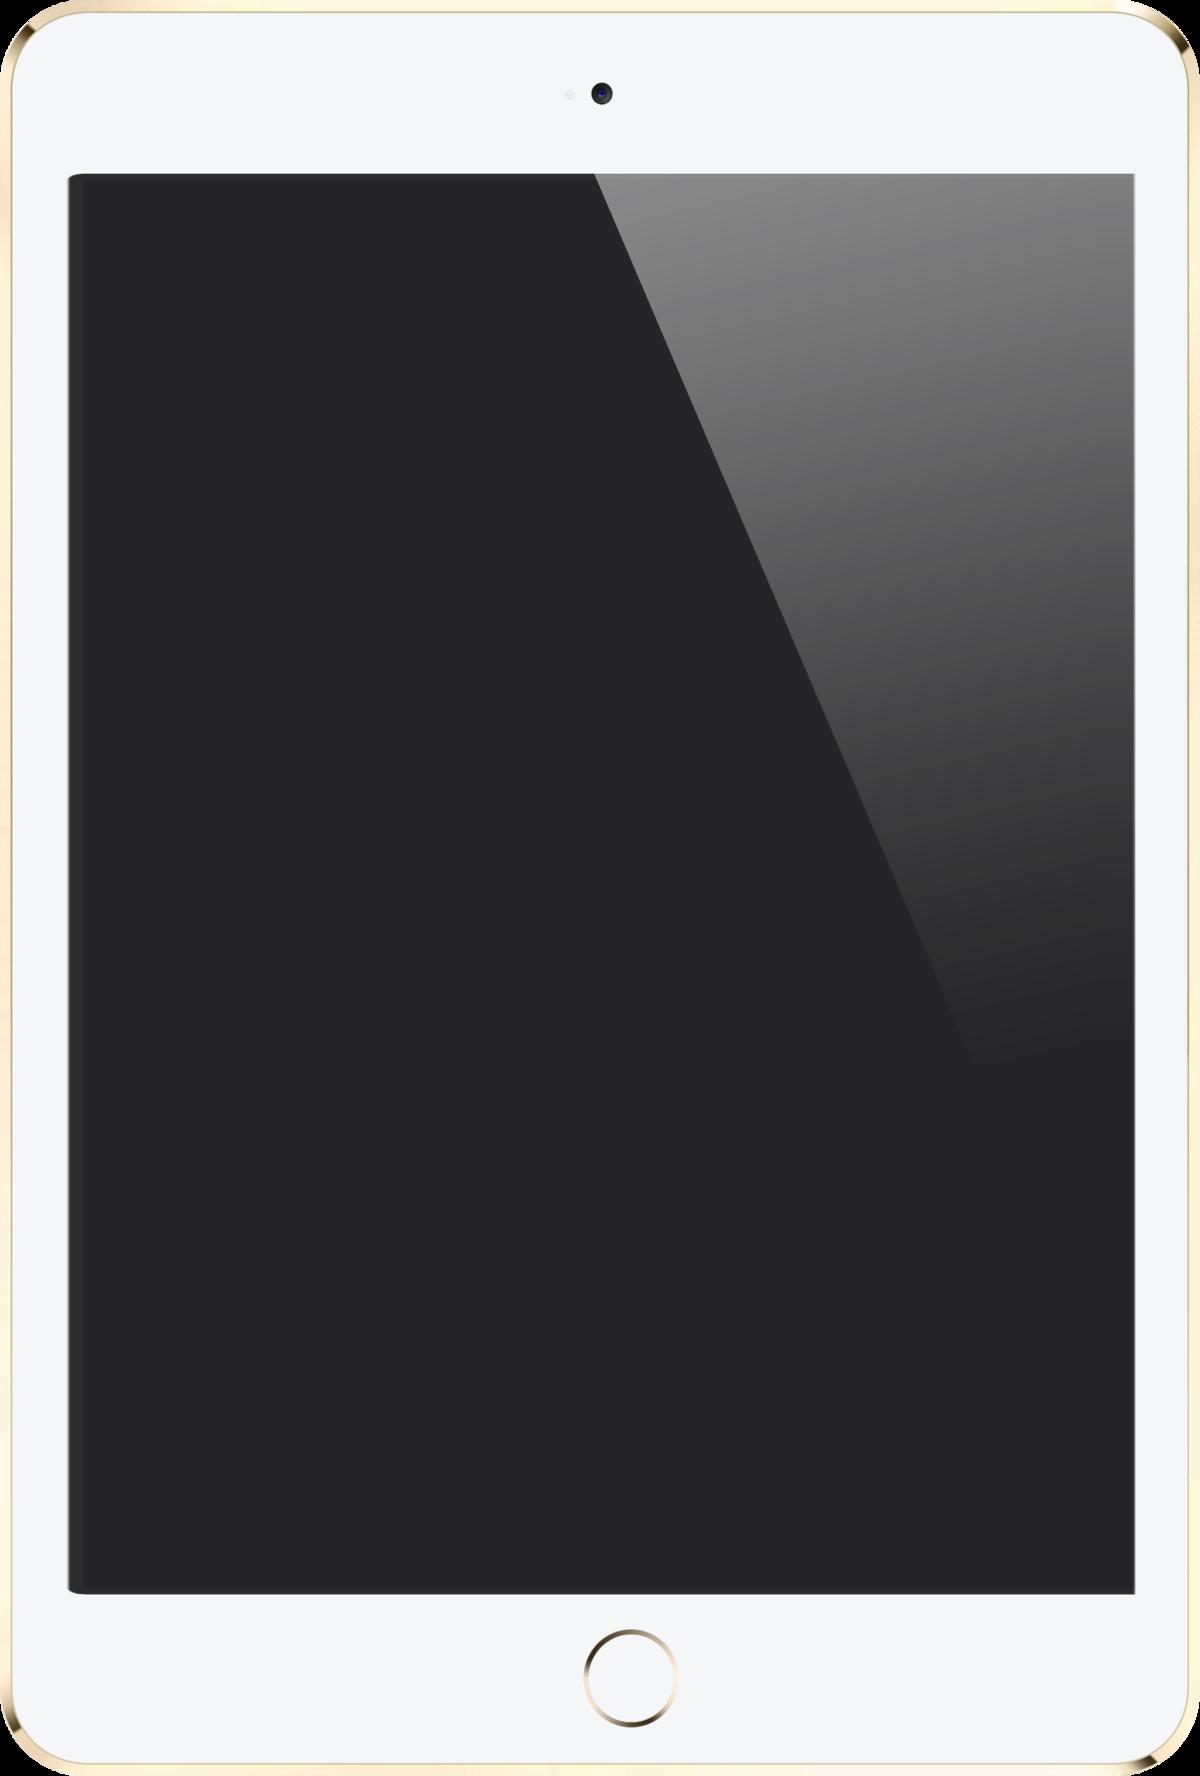 HQ Ipad Wallpapers | File 85.06Kb